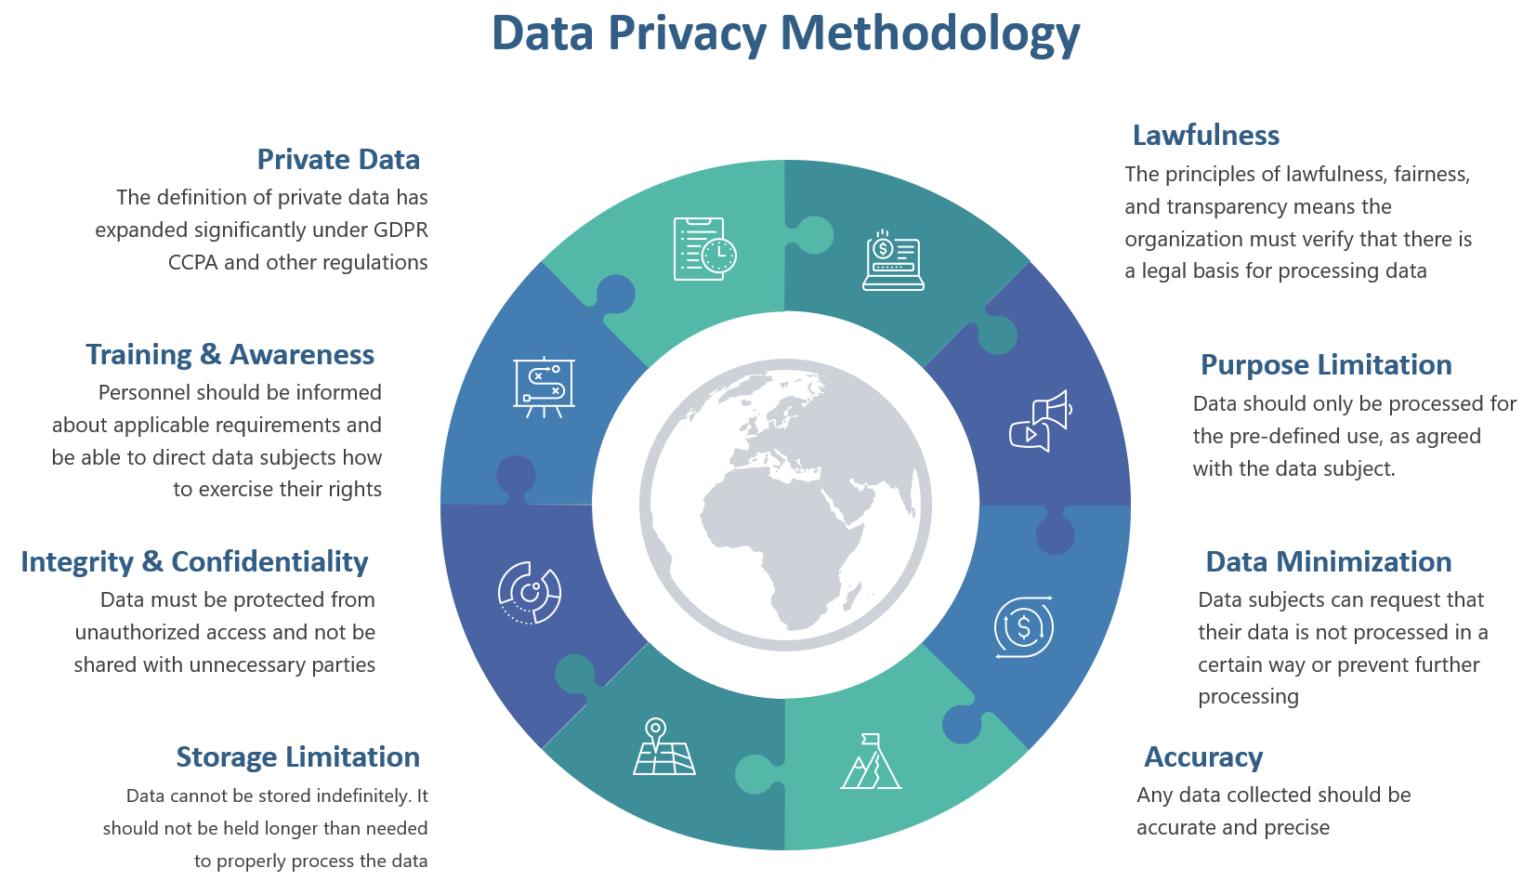 Data Privacy Methodology